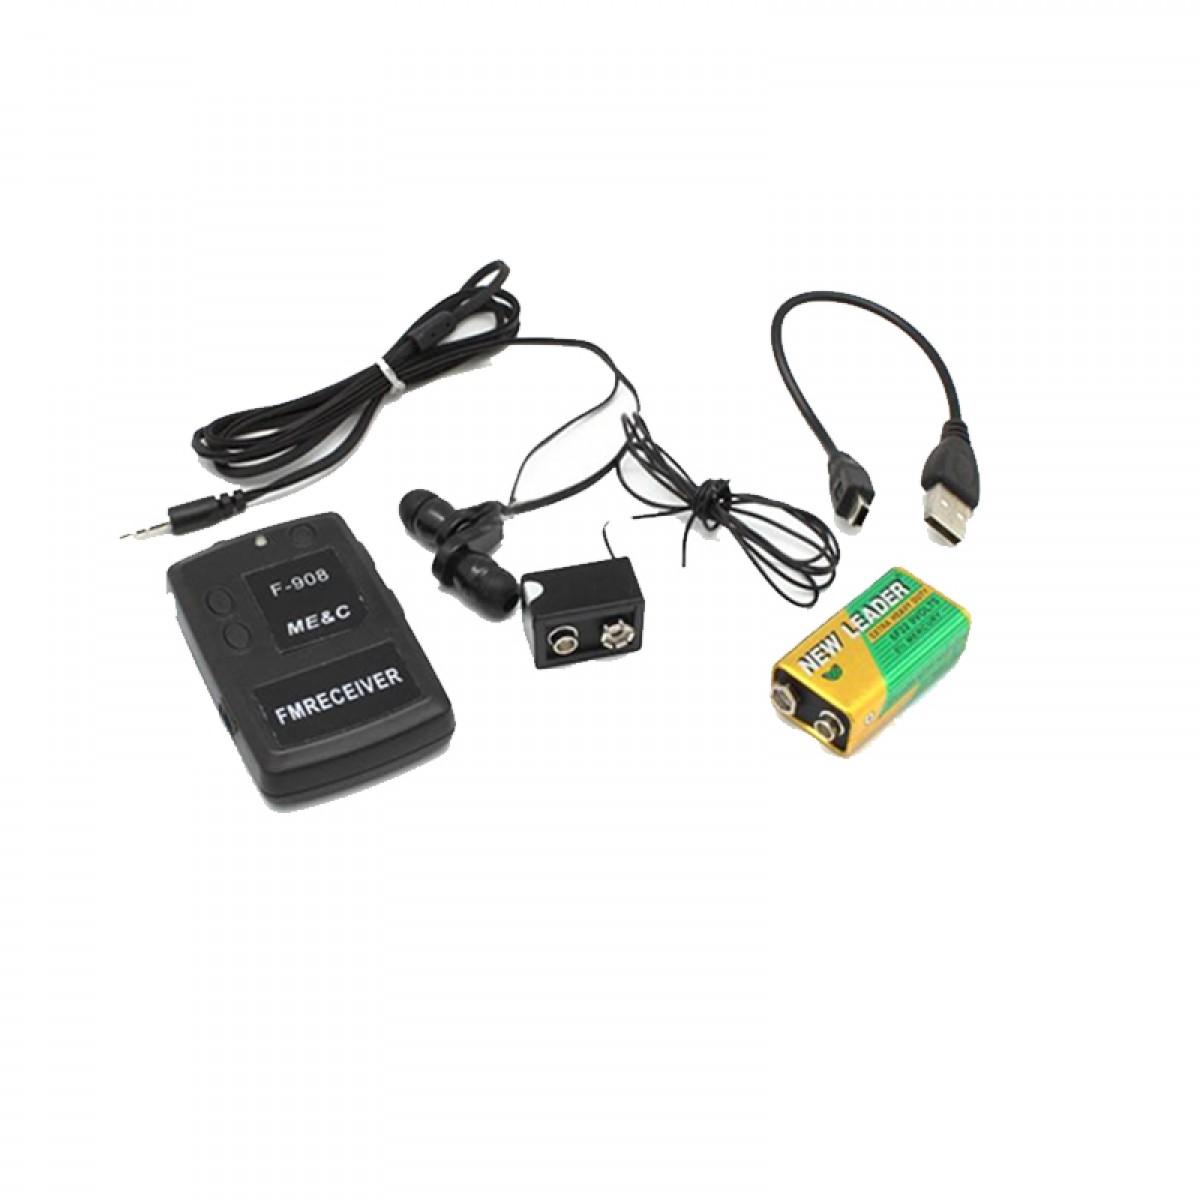 Ασύρματο Φορητό Συχνόμετρο με ραδιοφωνικο σέκτη FM και Ακουστικά ψείρες F-908